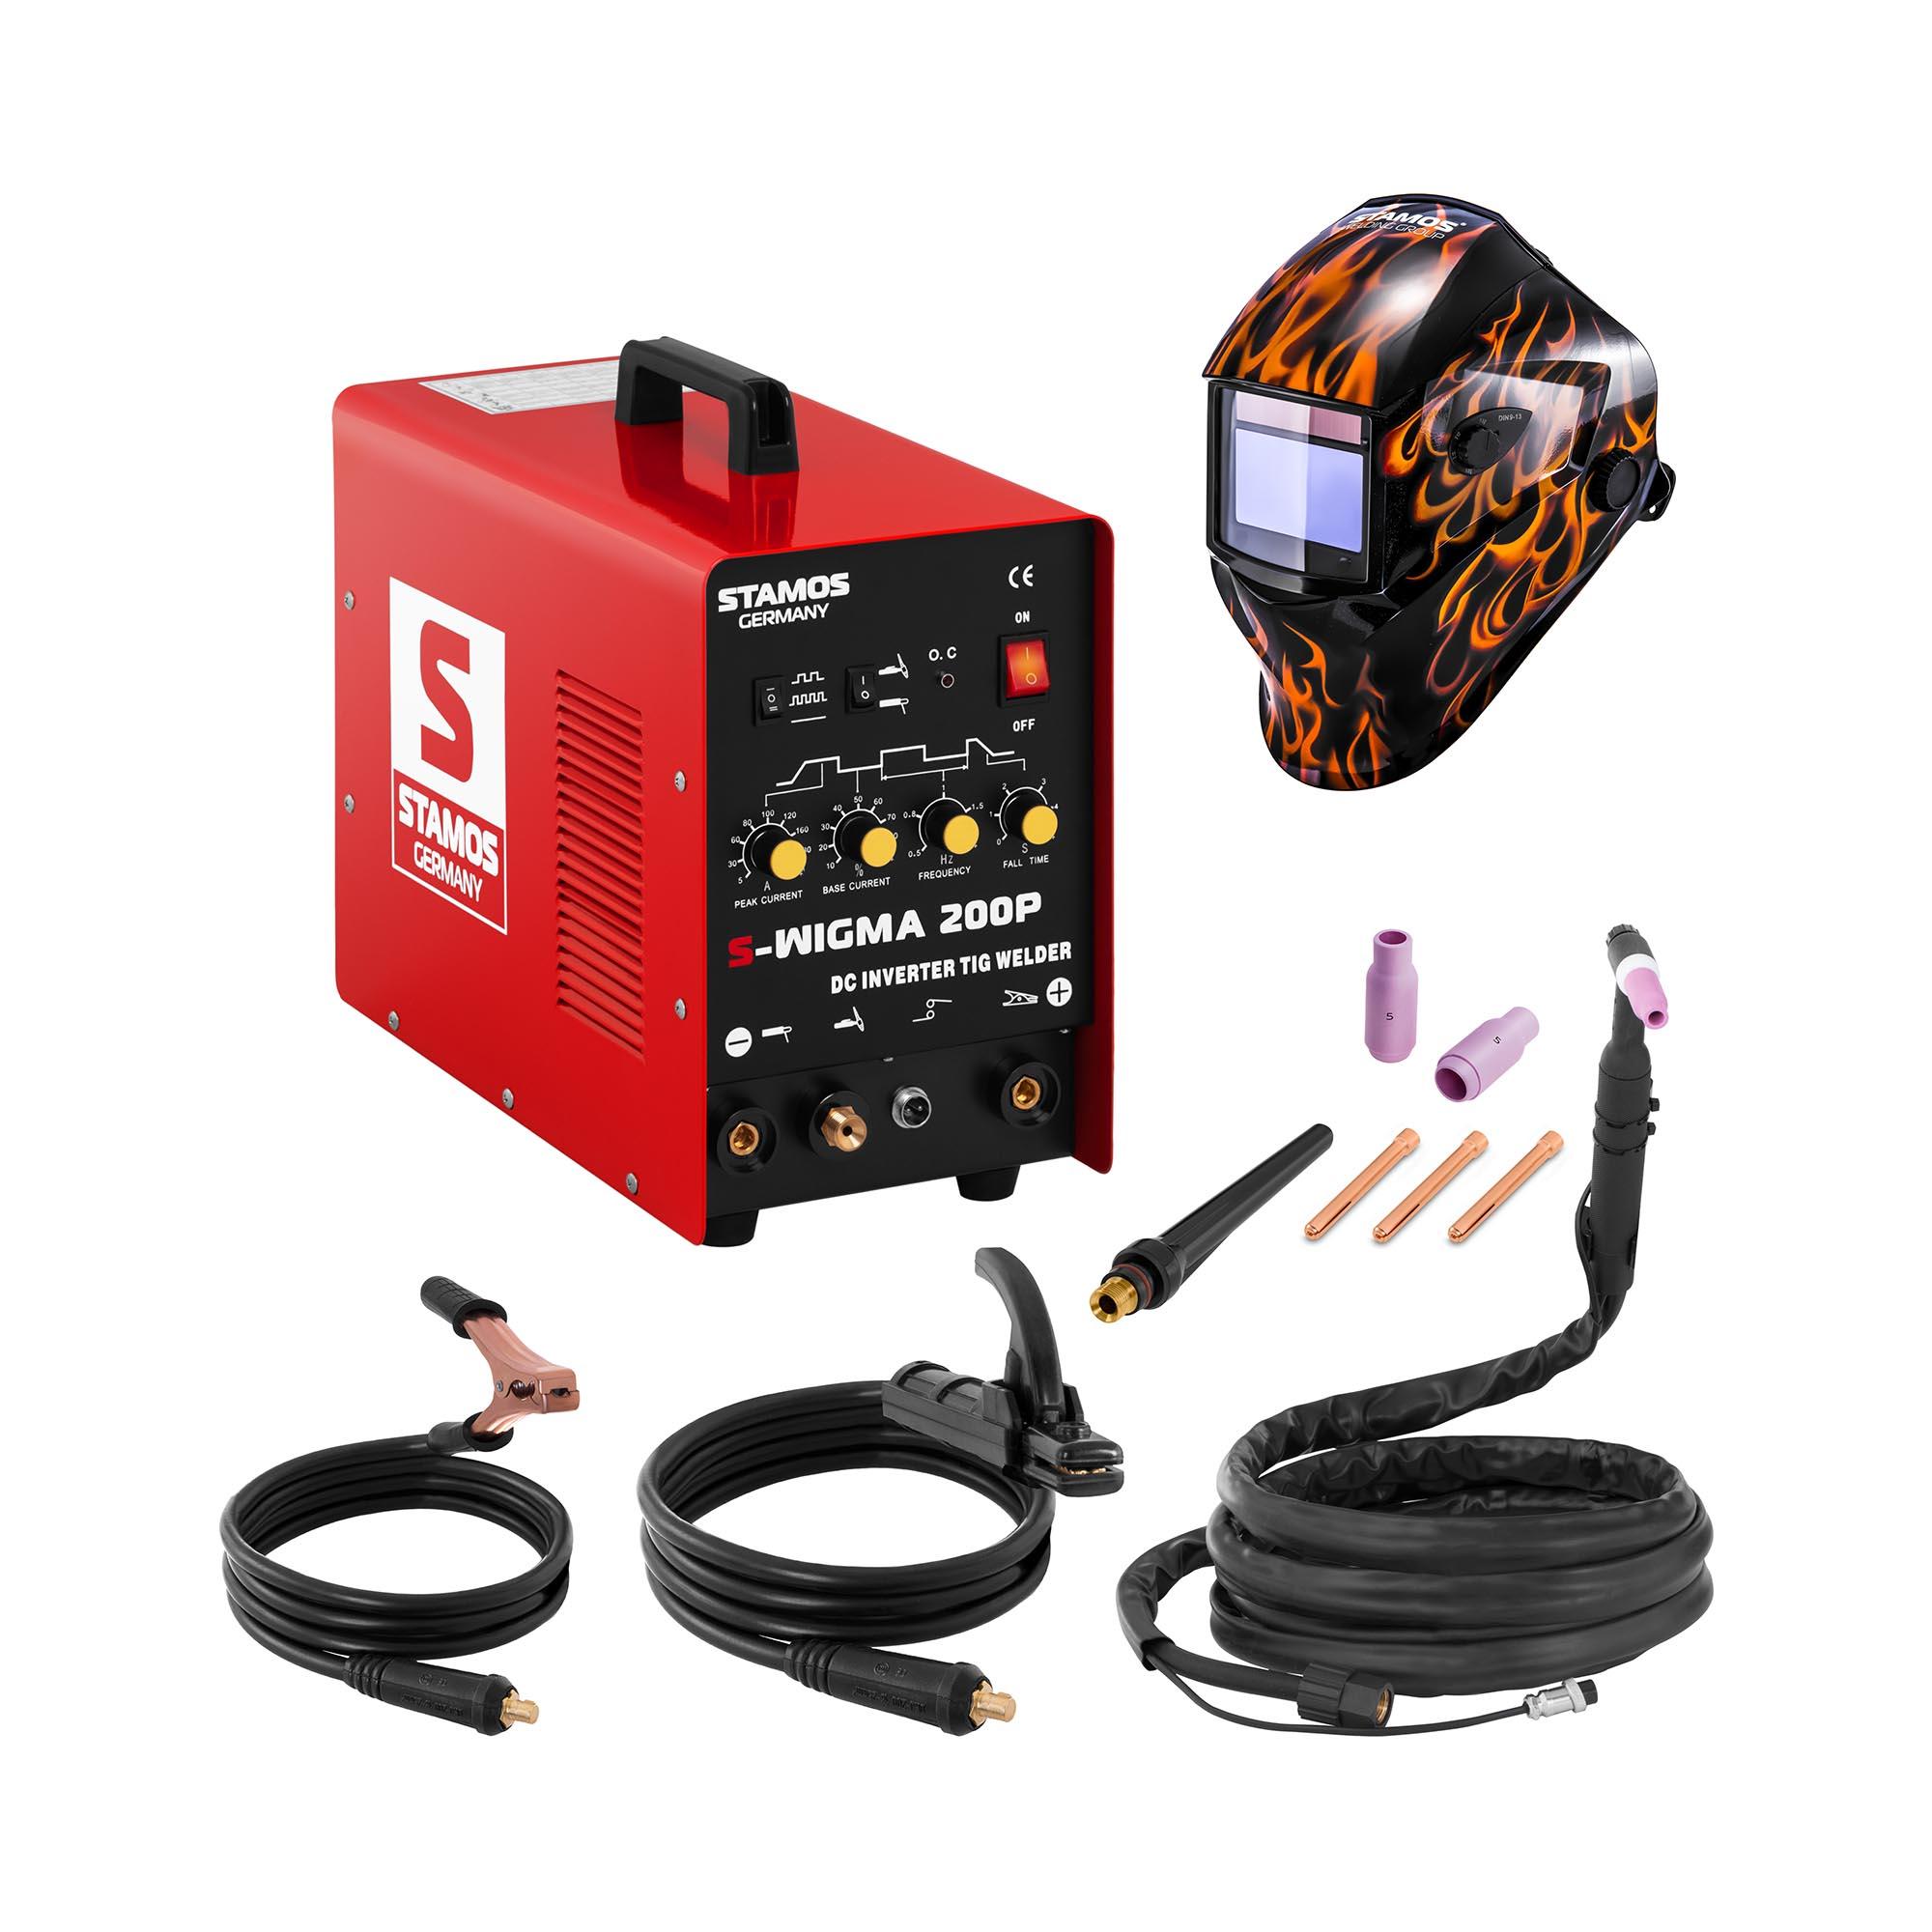 Stamos Basic Schweißset WIG Schweißgerät - 200 A - 230 V - Puls + Schweißhelm – Firestarter 500 18000122